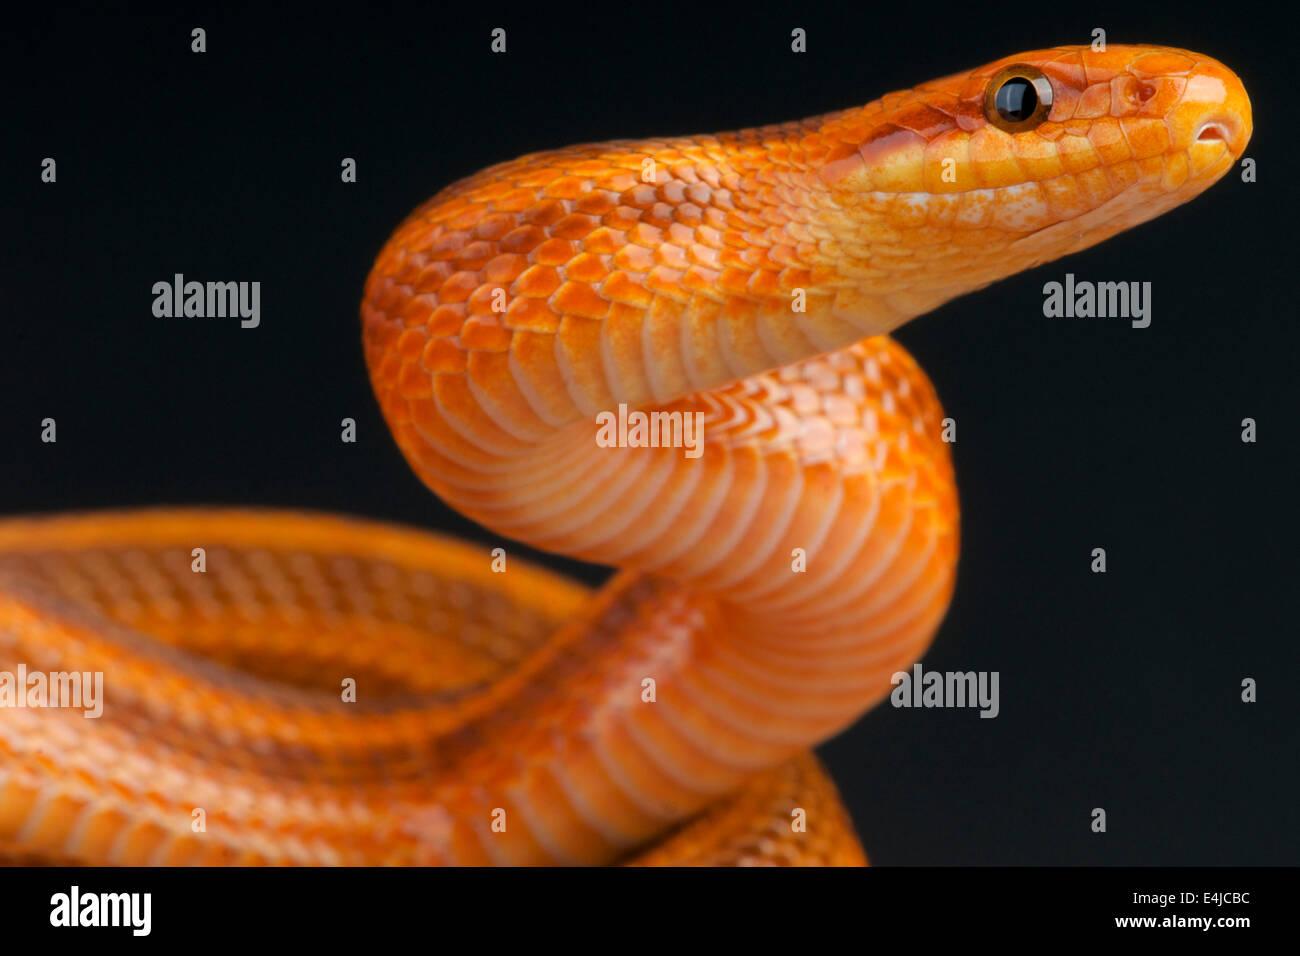 Steppes ratsnake / Elaphe dione - Stock Image